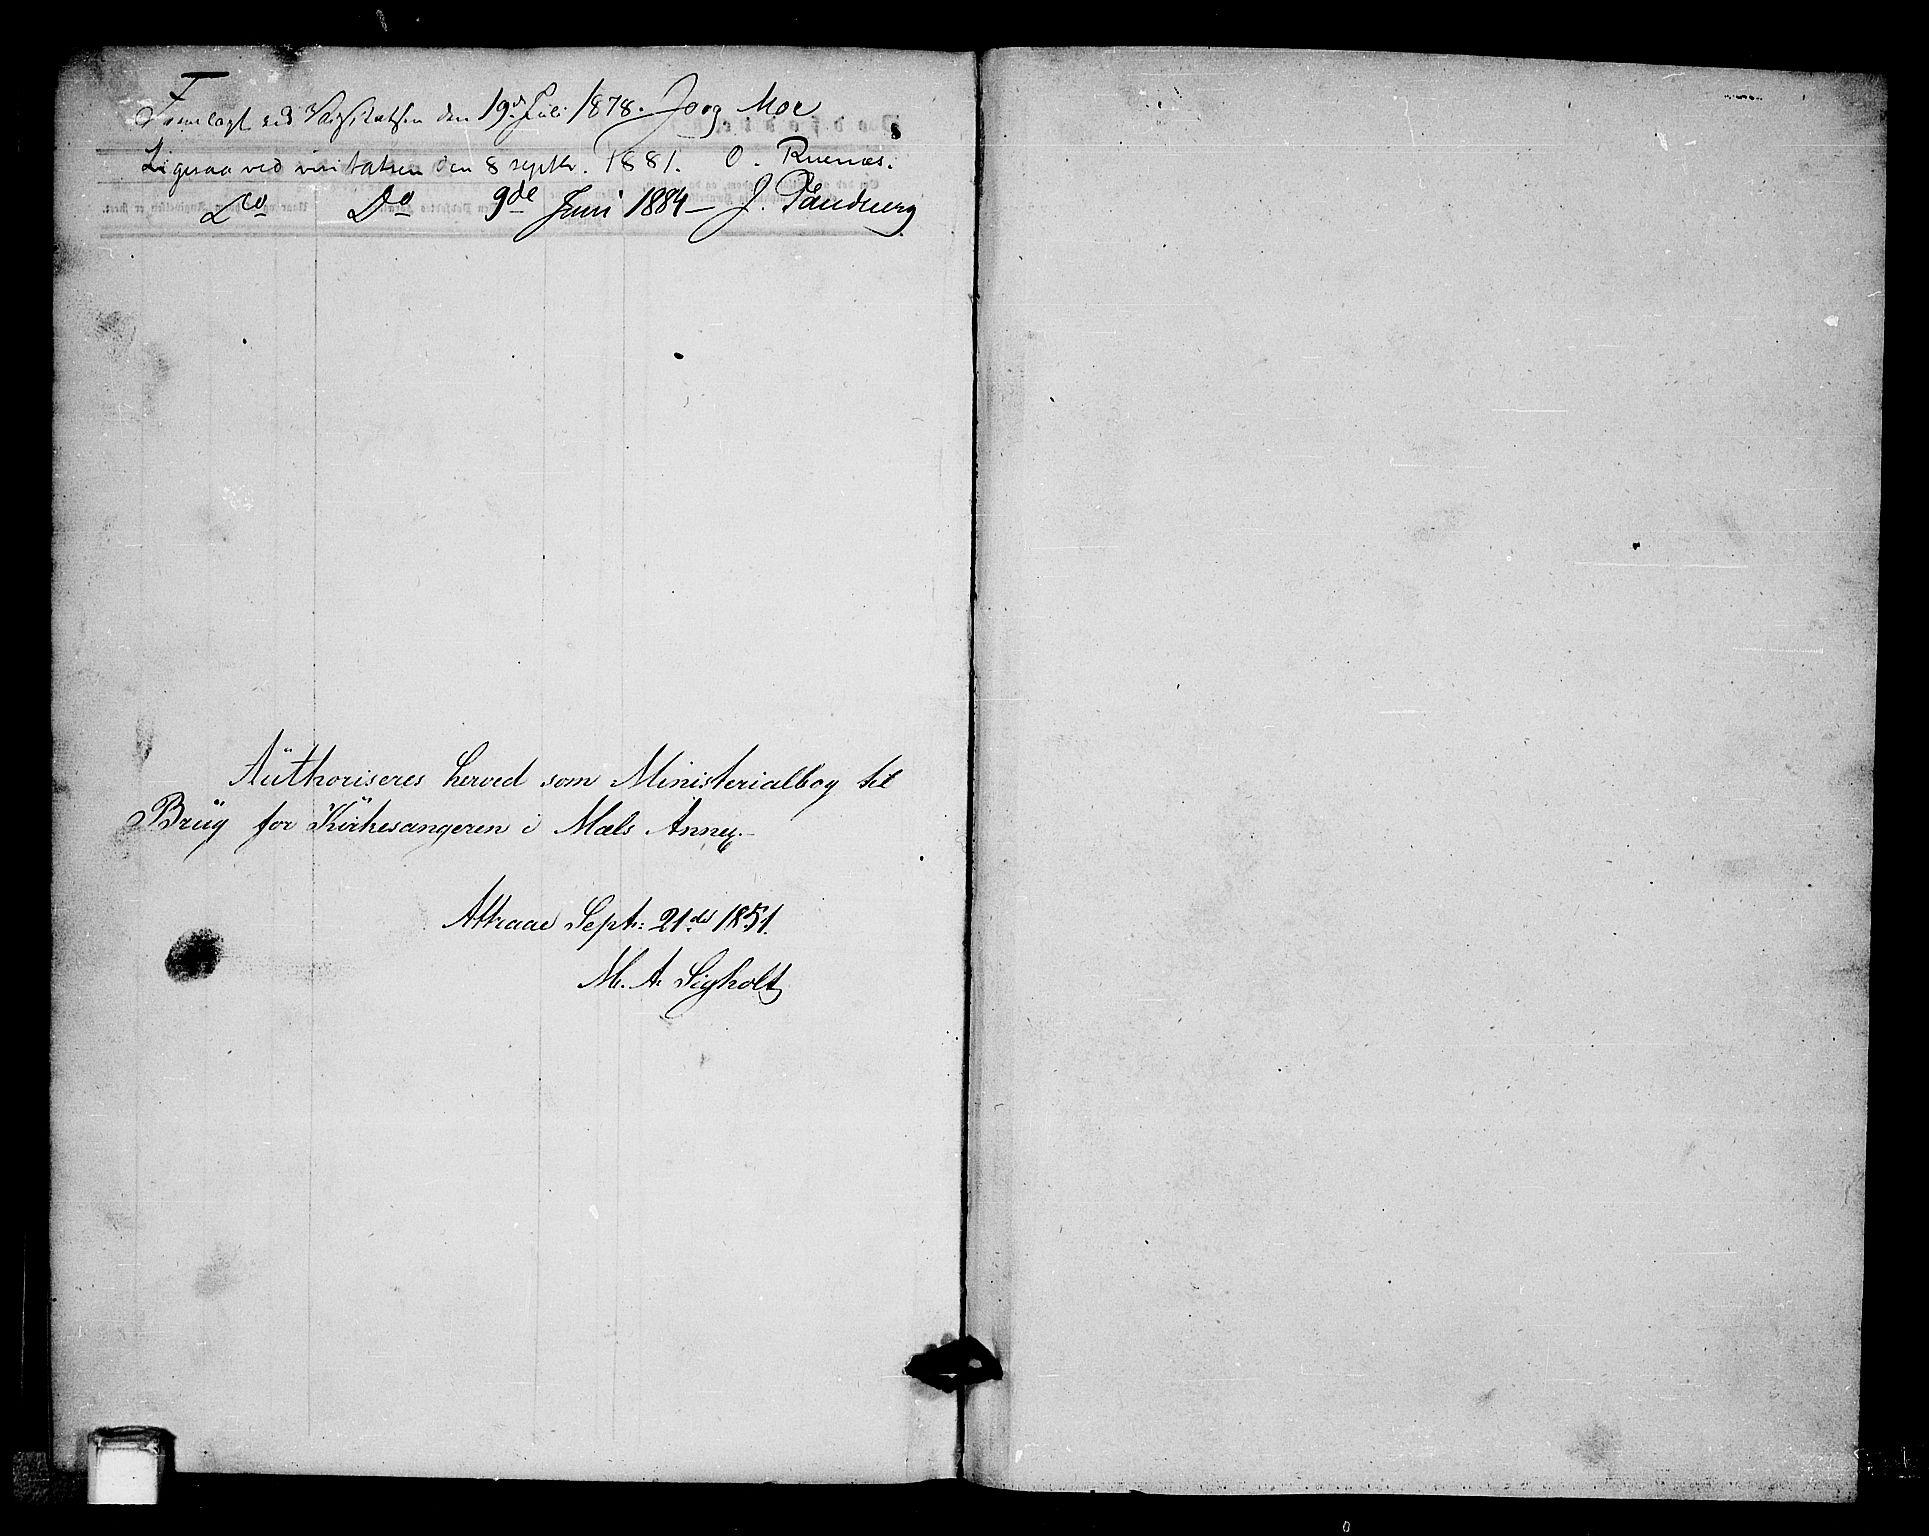 SAKO, Tinn kirkebøker, G/Gb/L0002: Klokkerbok nr. II 2, 1851-1886